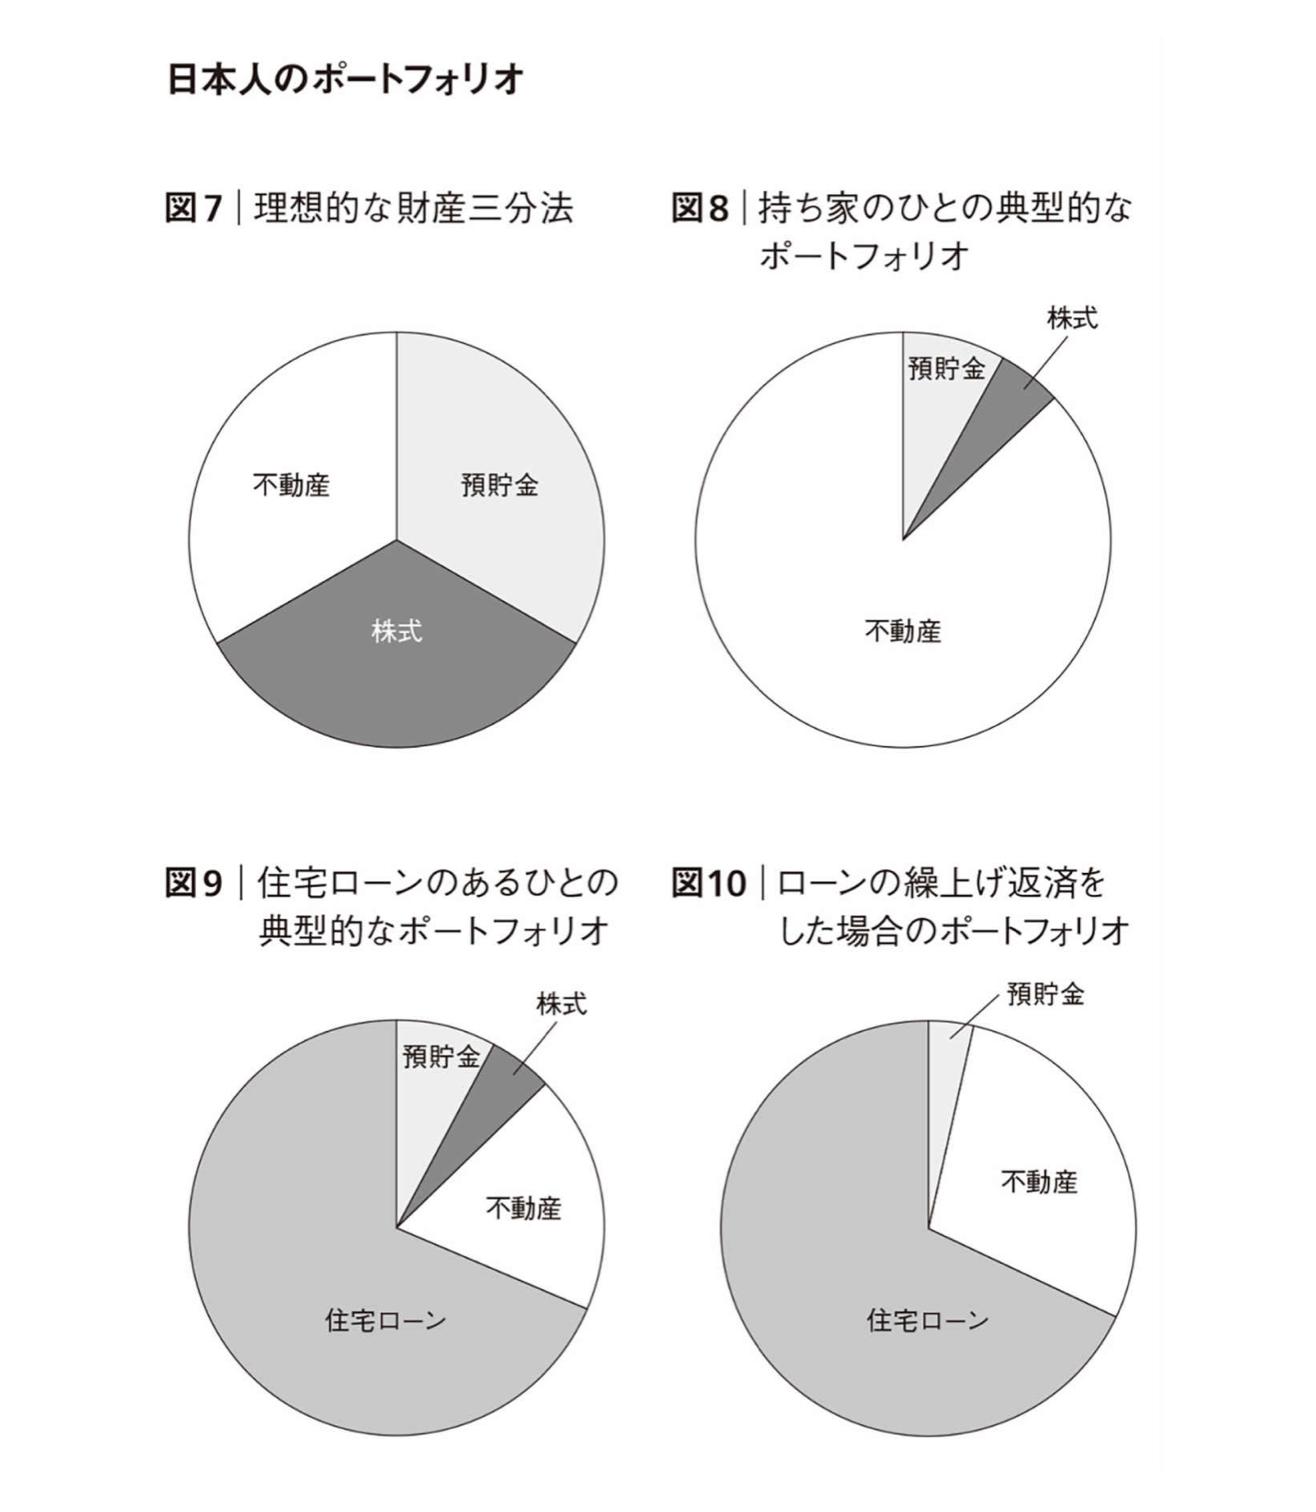 日本人のポートフォリオ